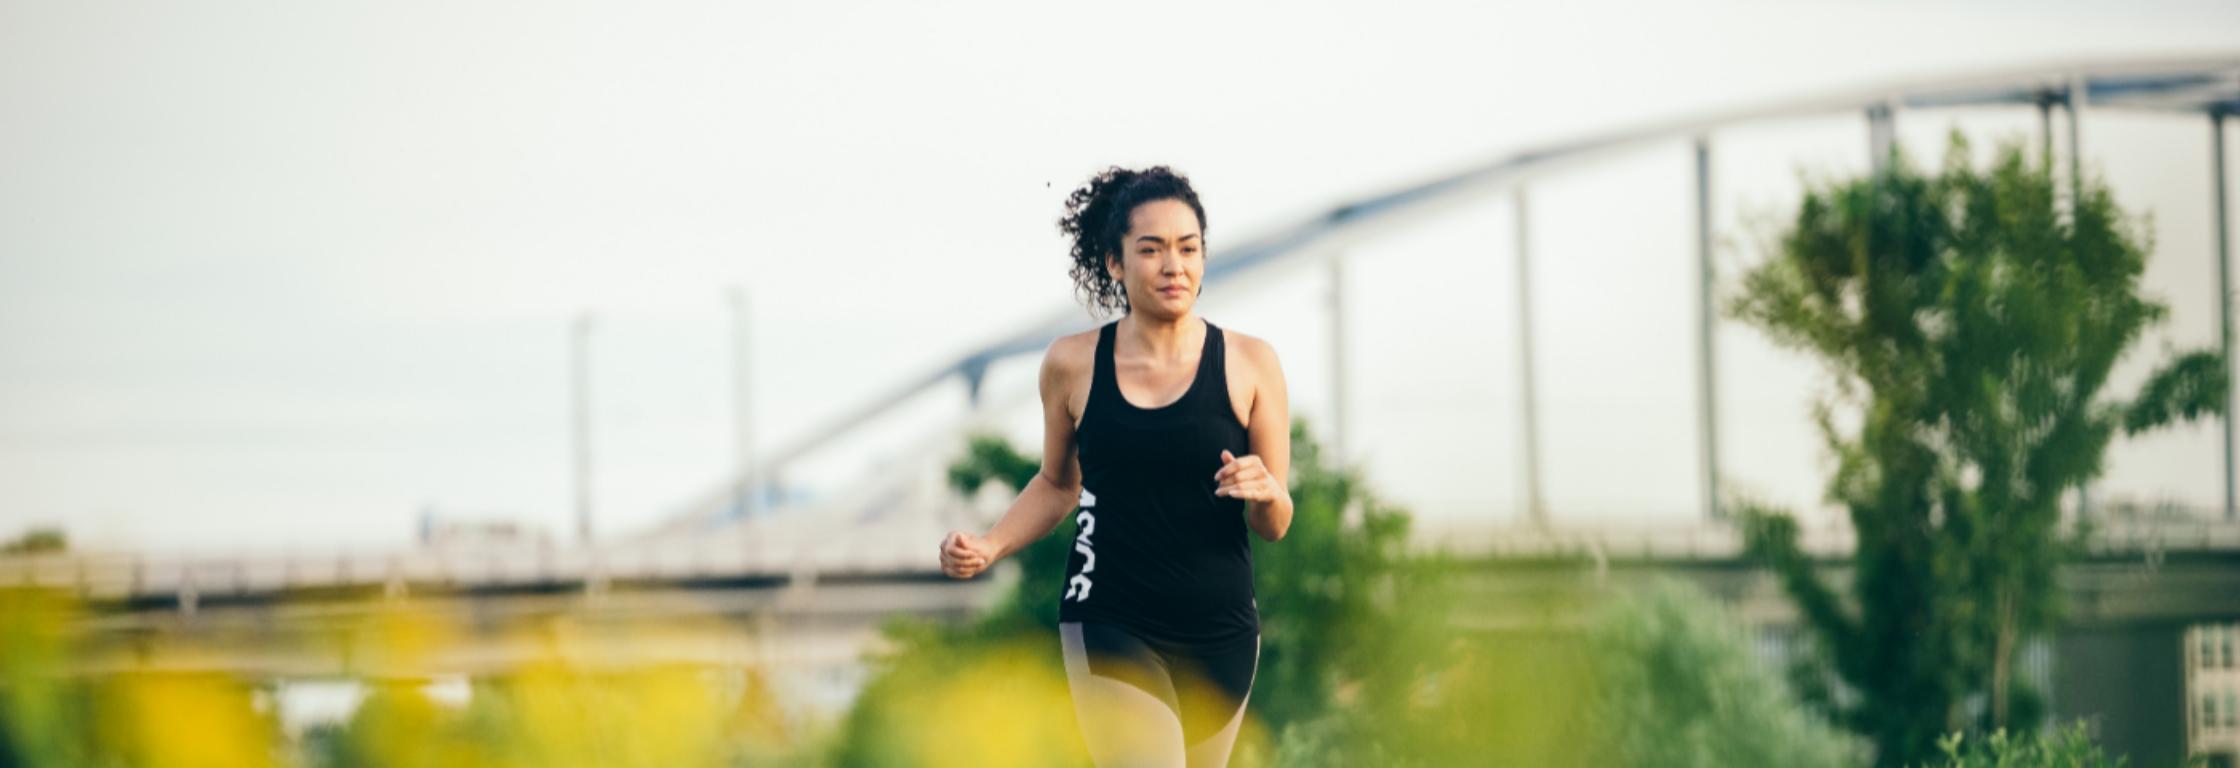 Snelle tips om te starten met hardlopen